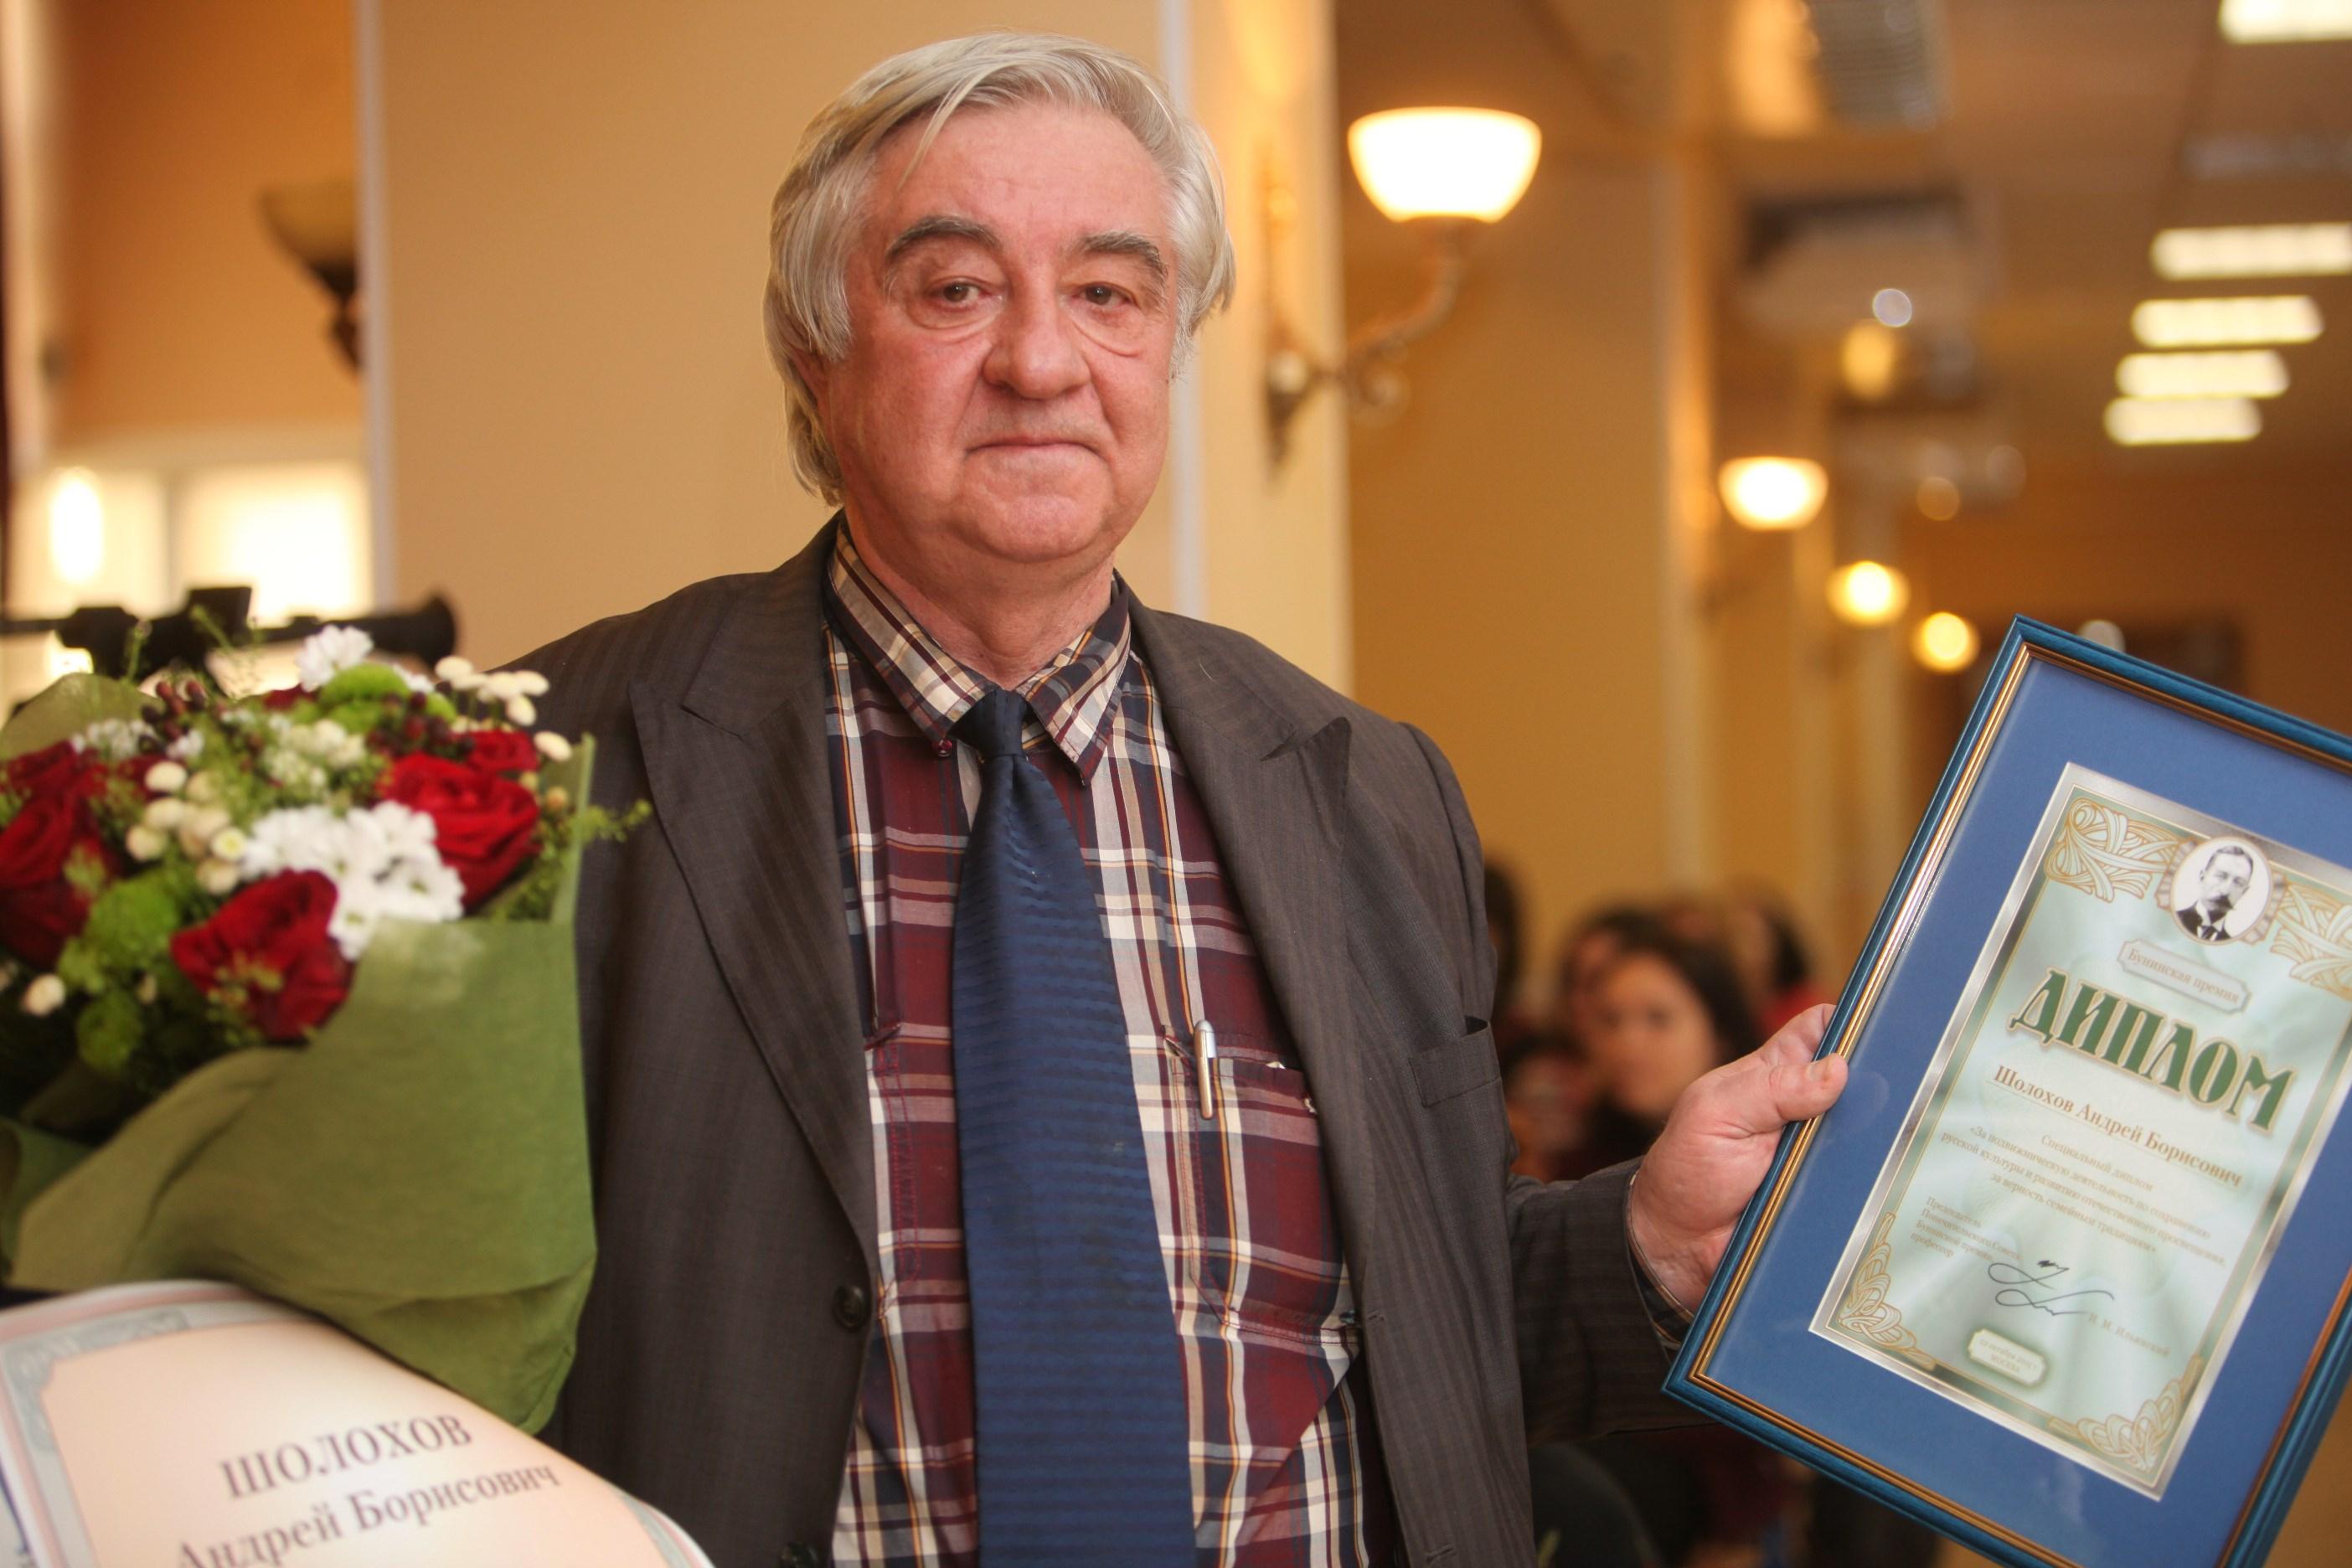 Андрей Борисович Шолохов